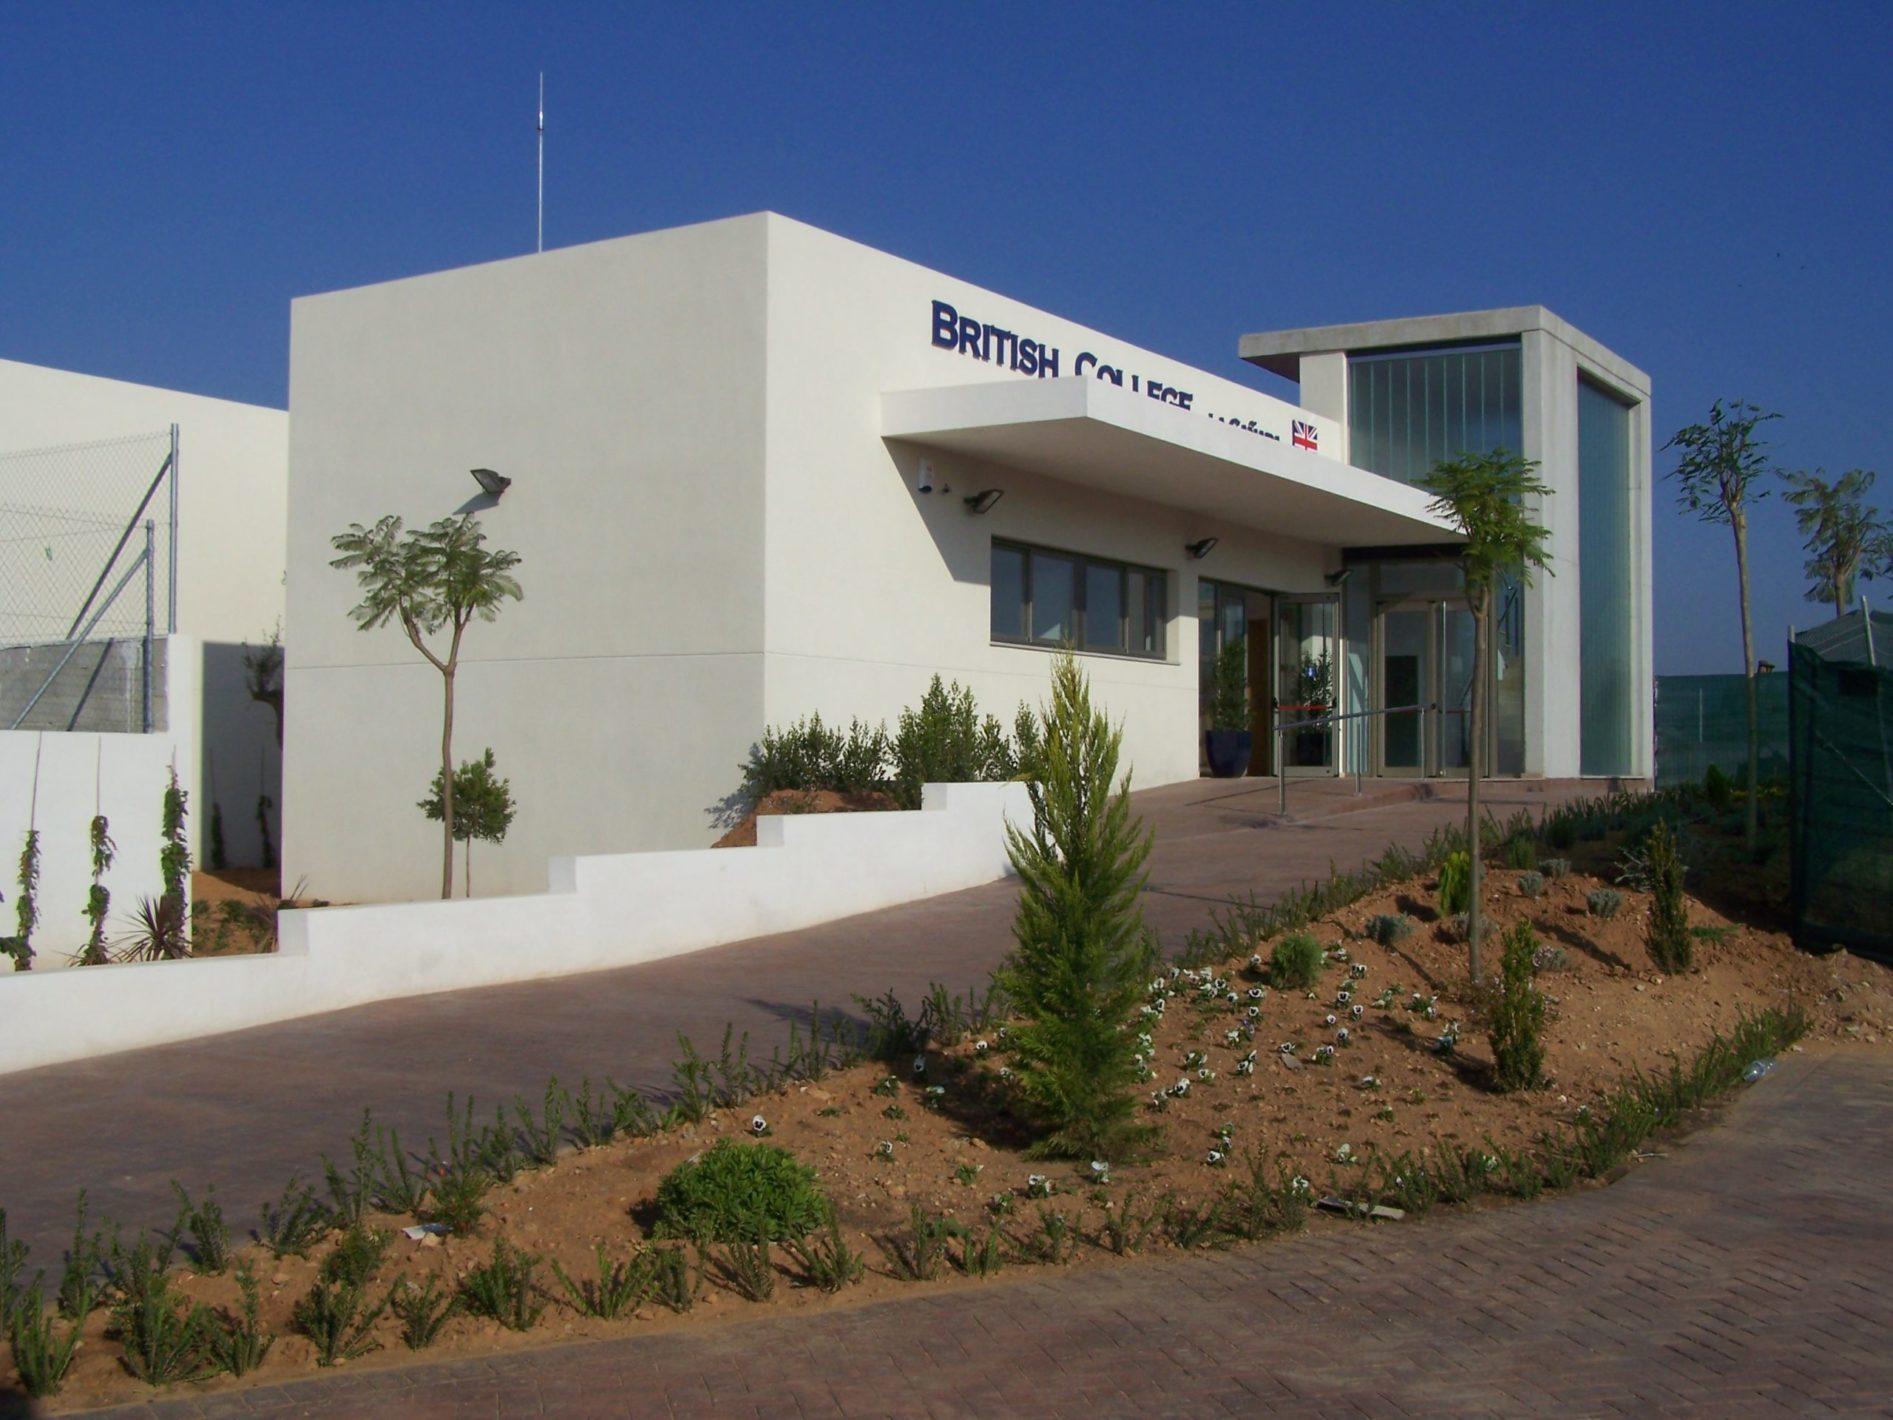 British College 5